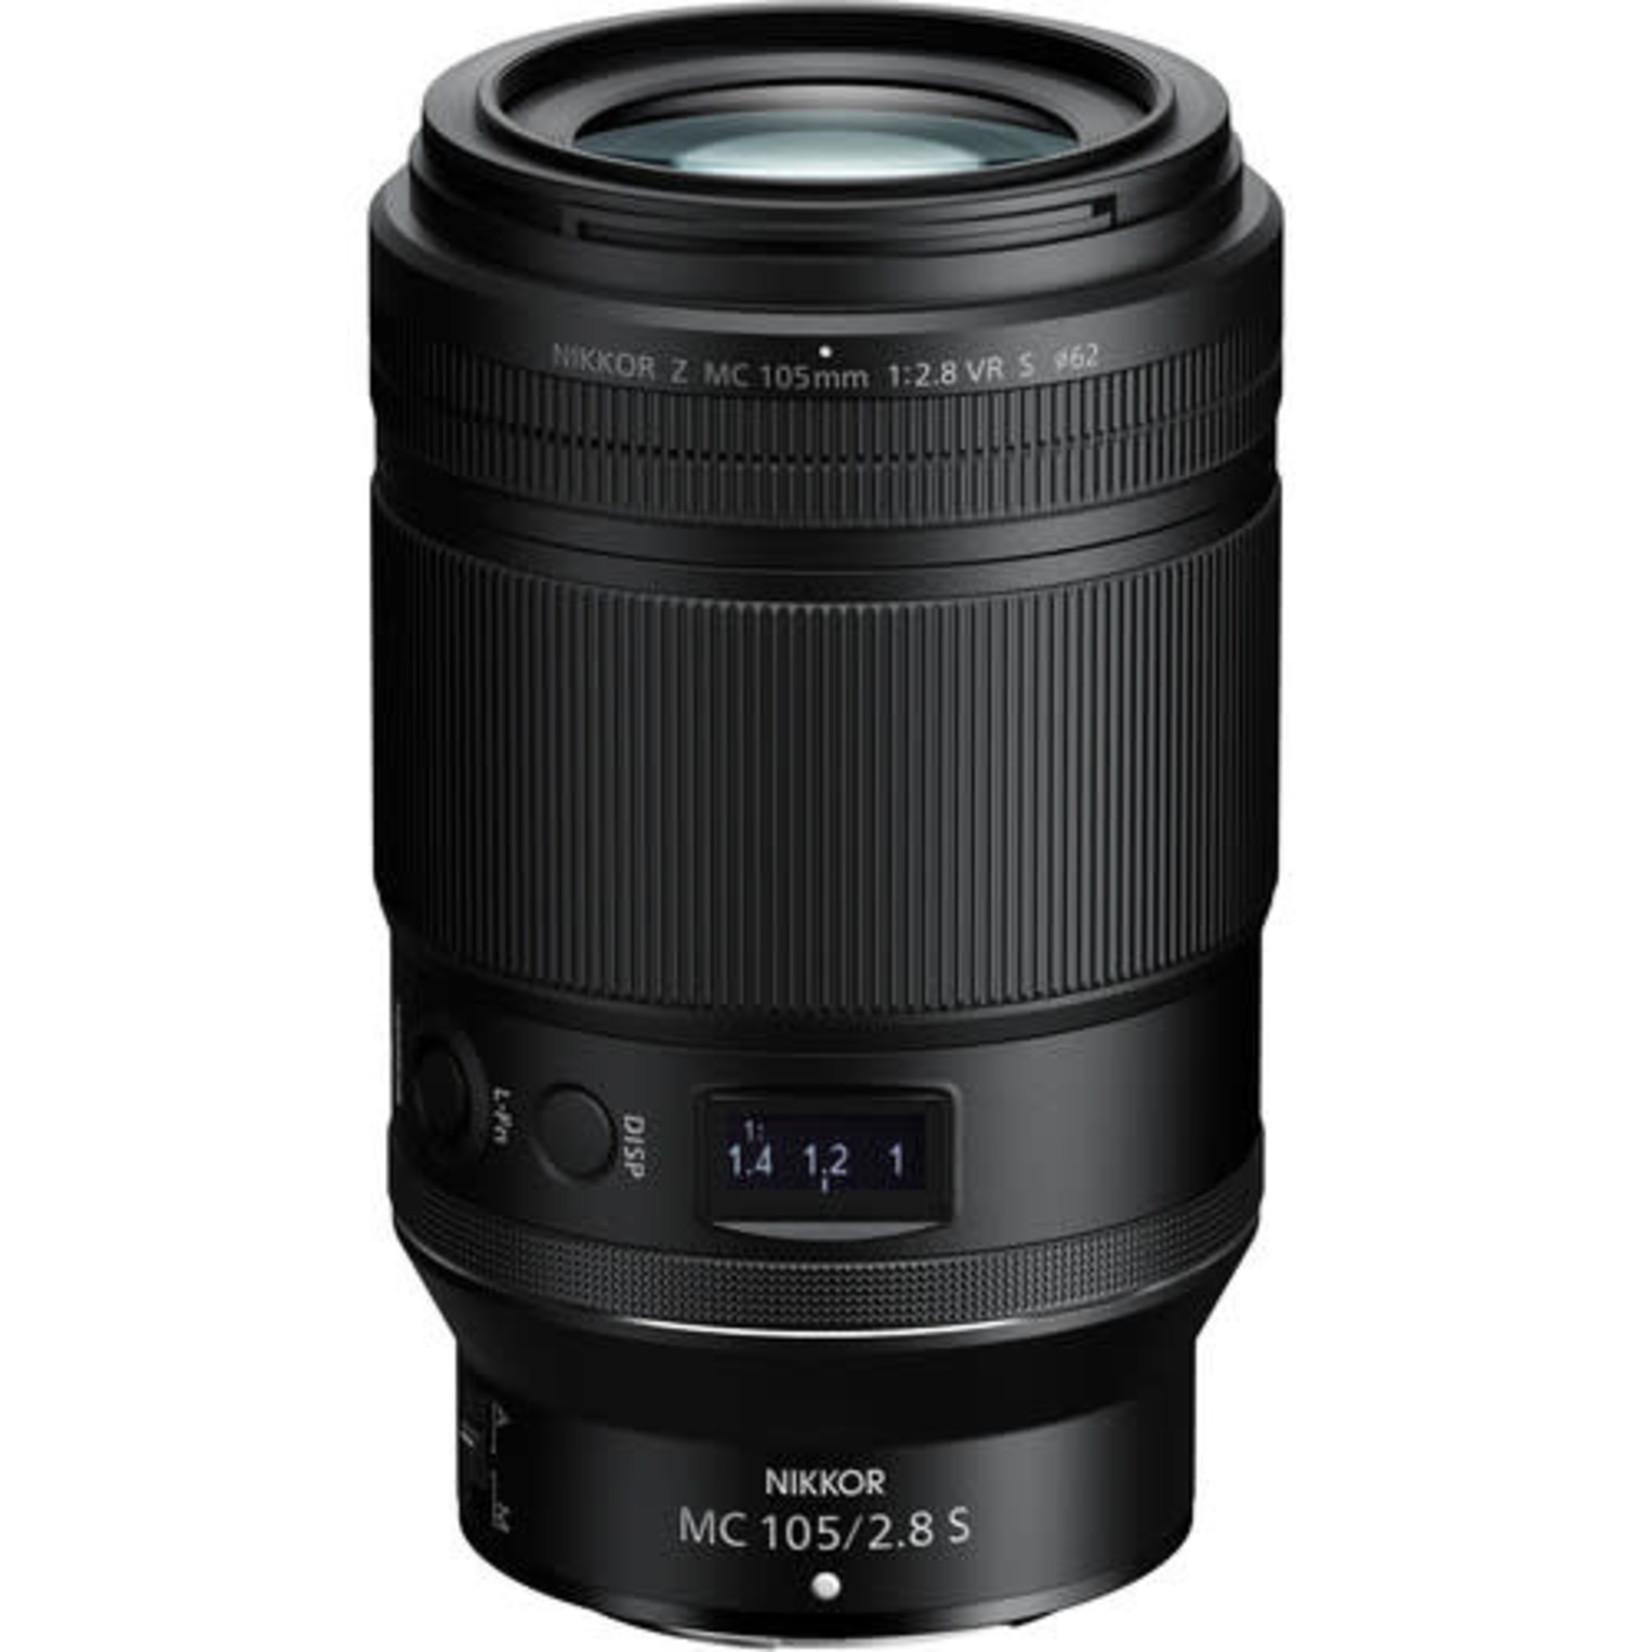 Nikon Nikon NIKKOR Z MC 105mm f/2.8 VR S Macro Lens